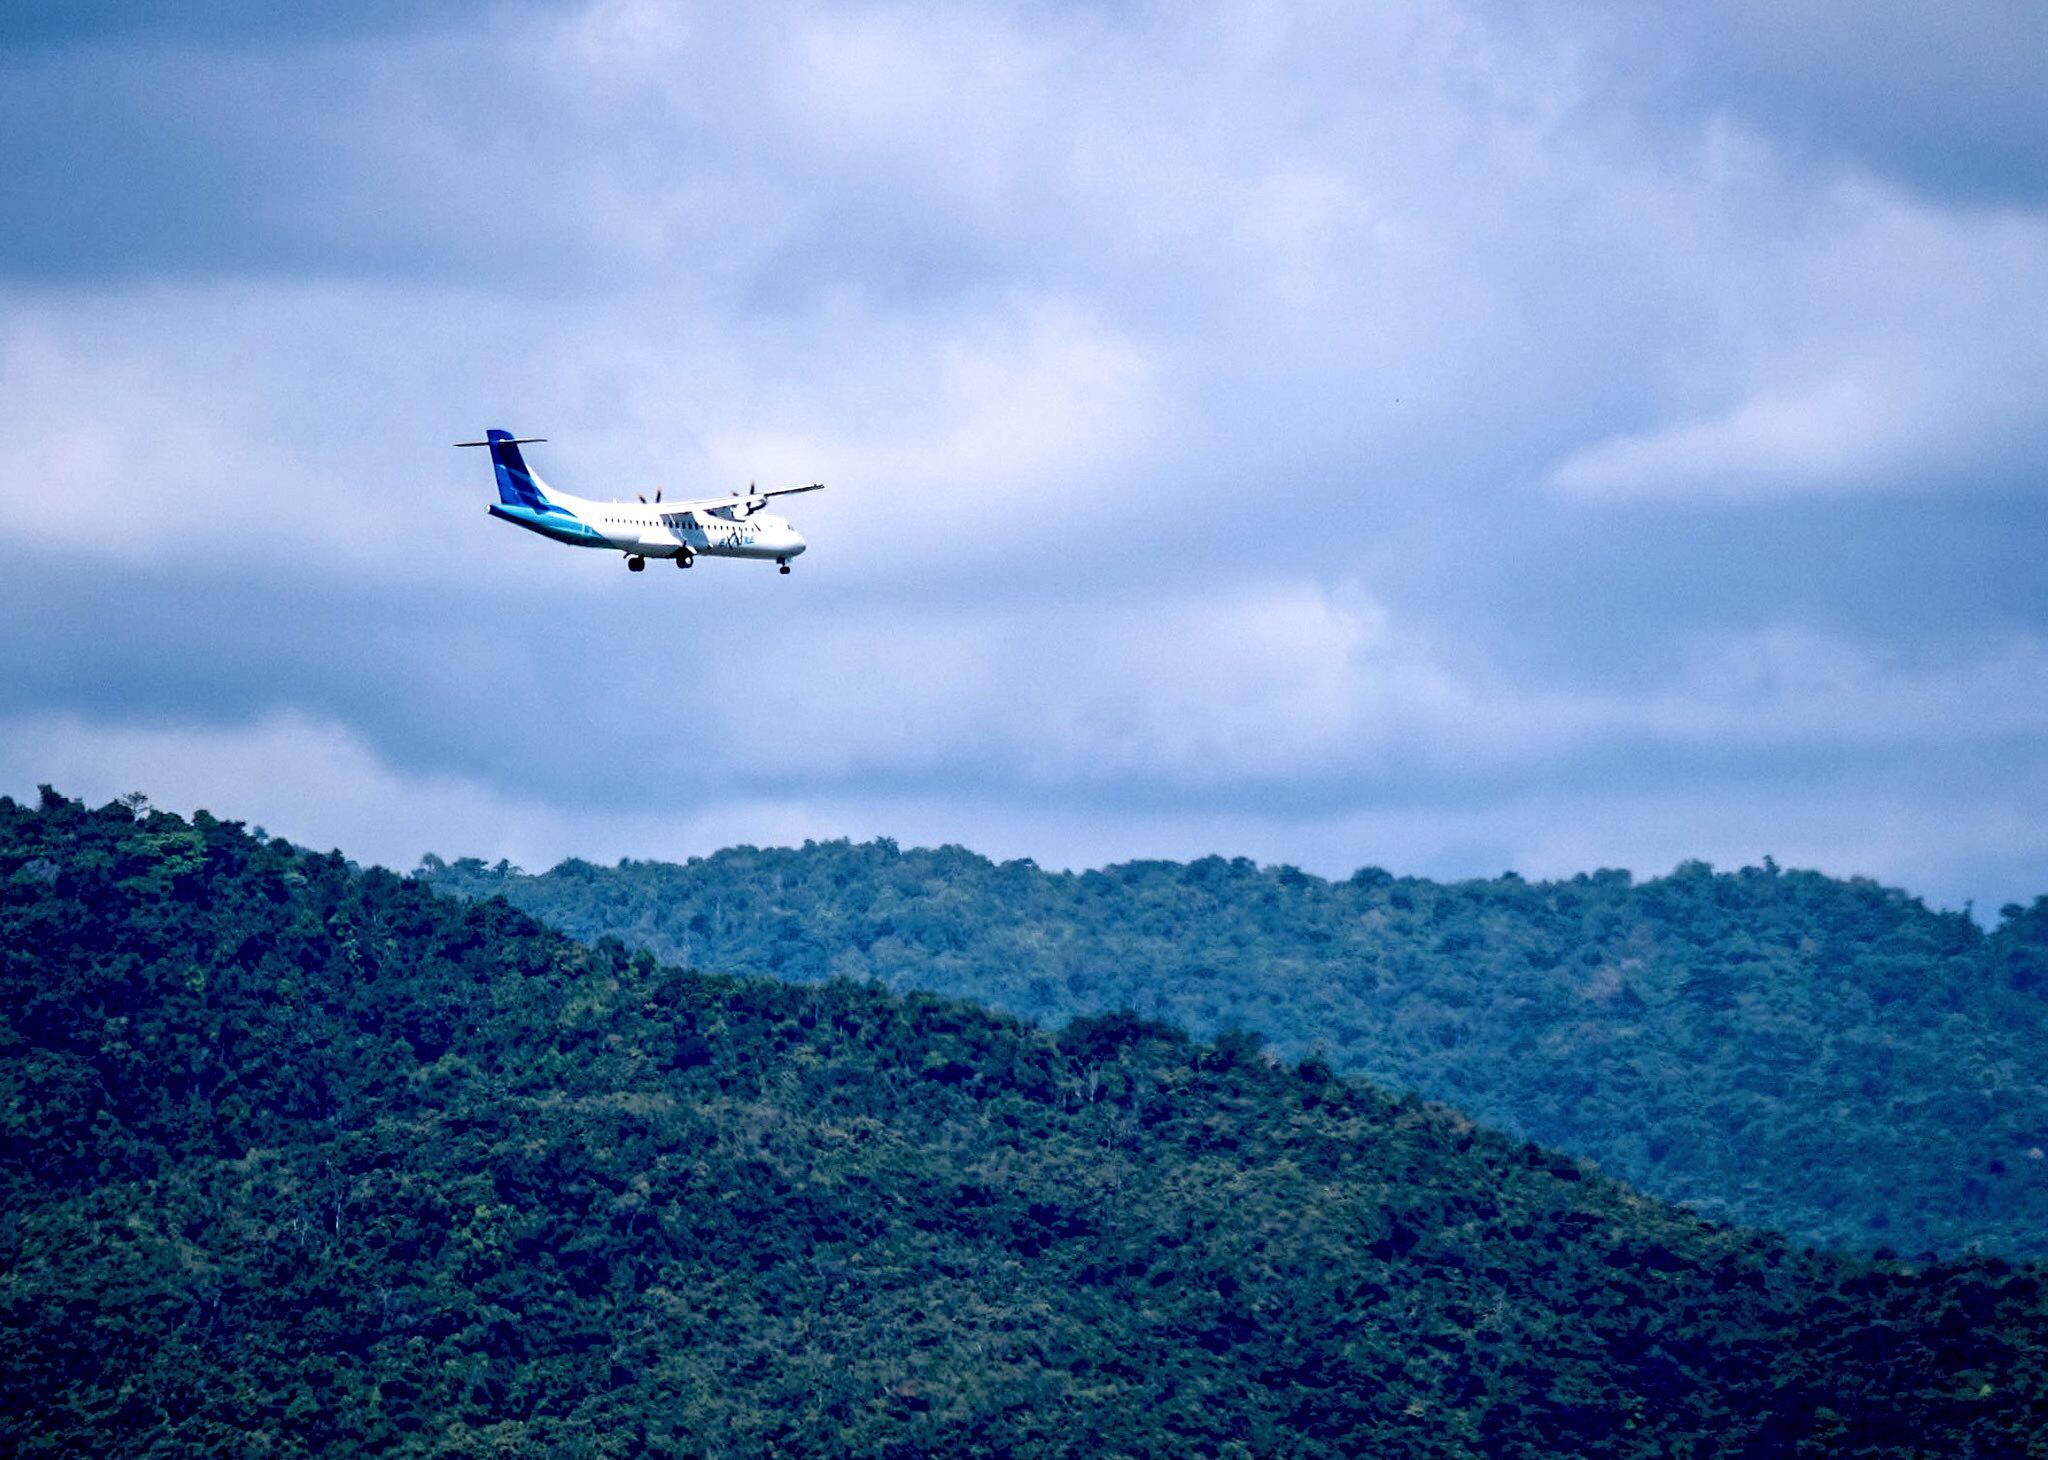 En Amazonie et ailleurs, la compensation carbone bidon des compagnies aériennes